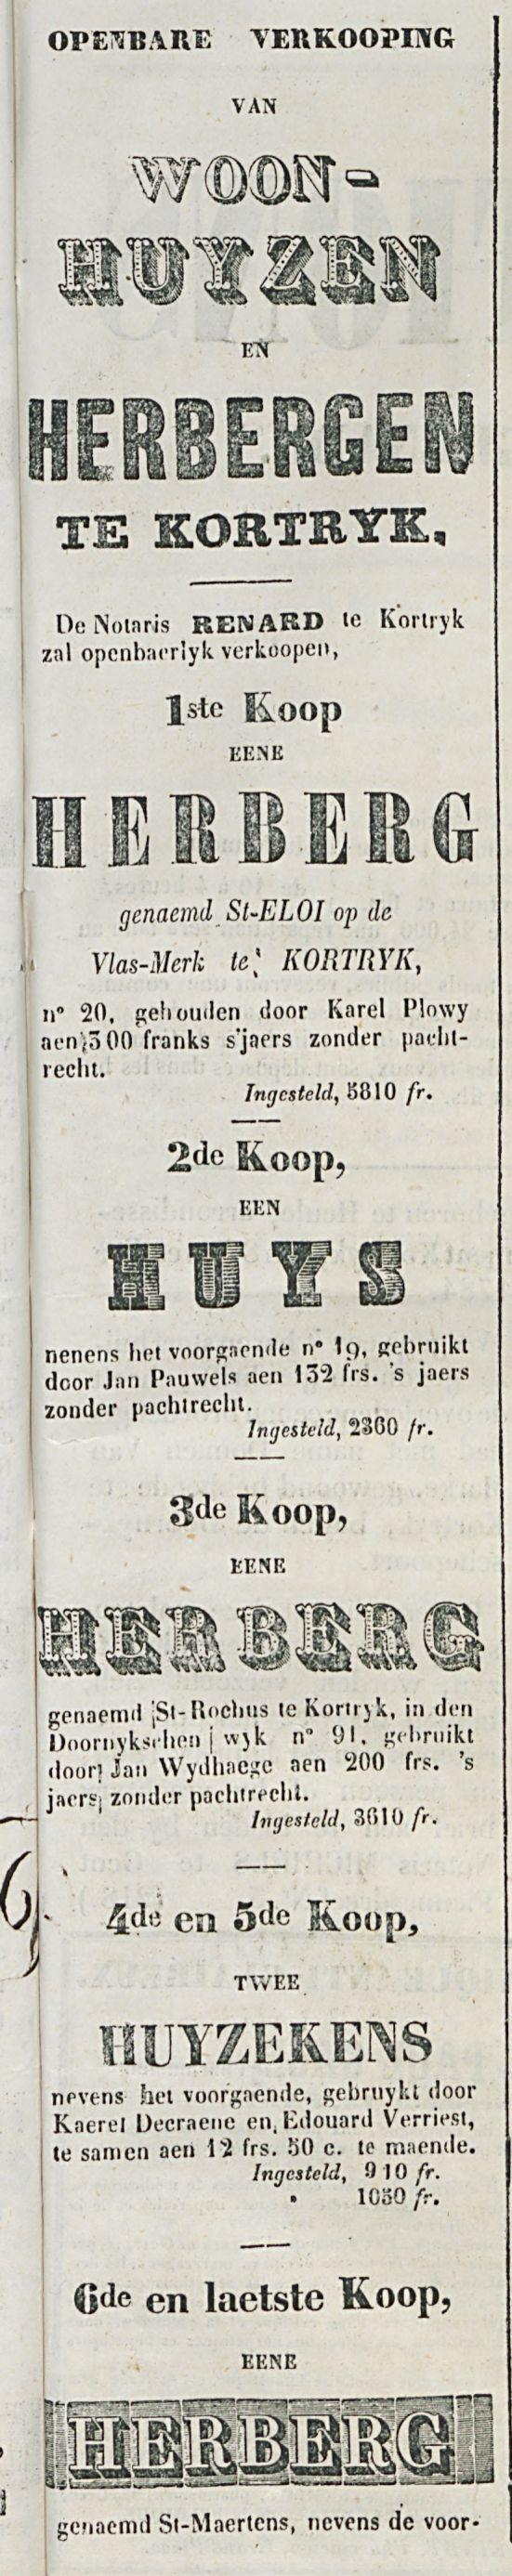 HERBERGEN-1